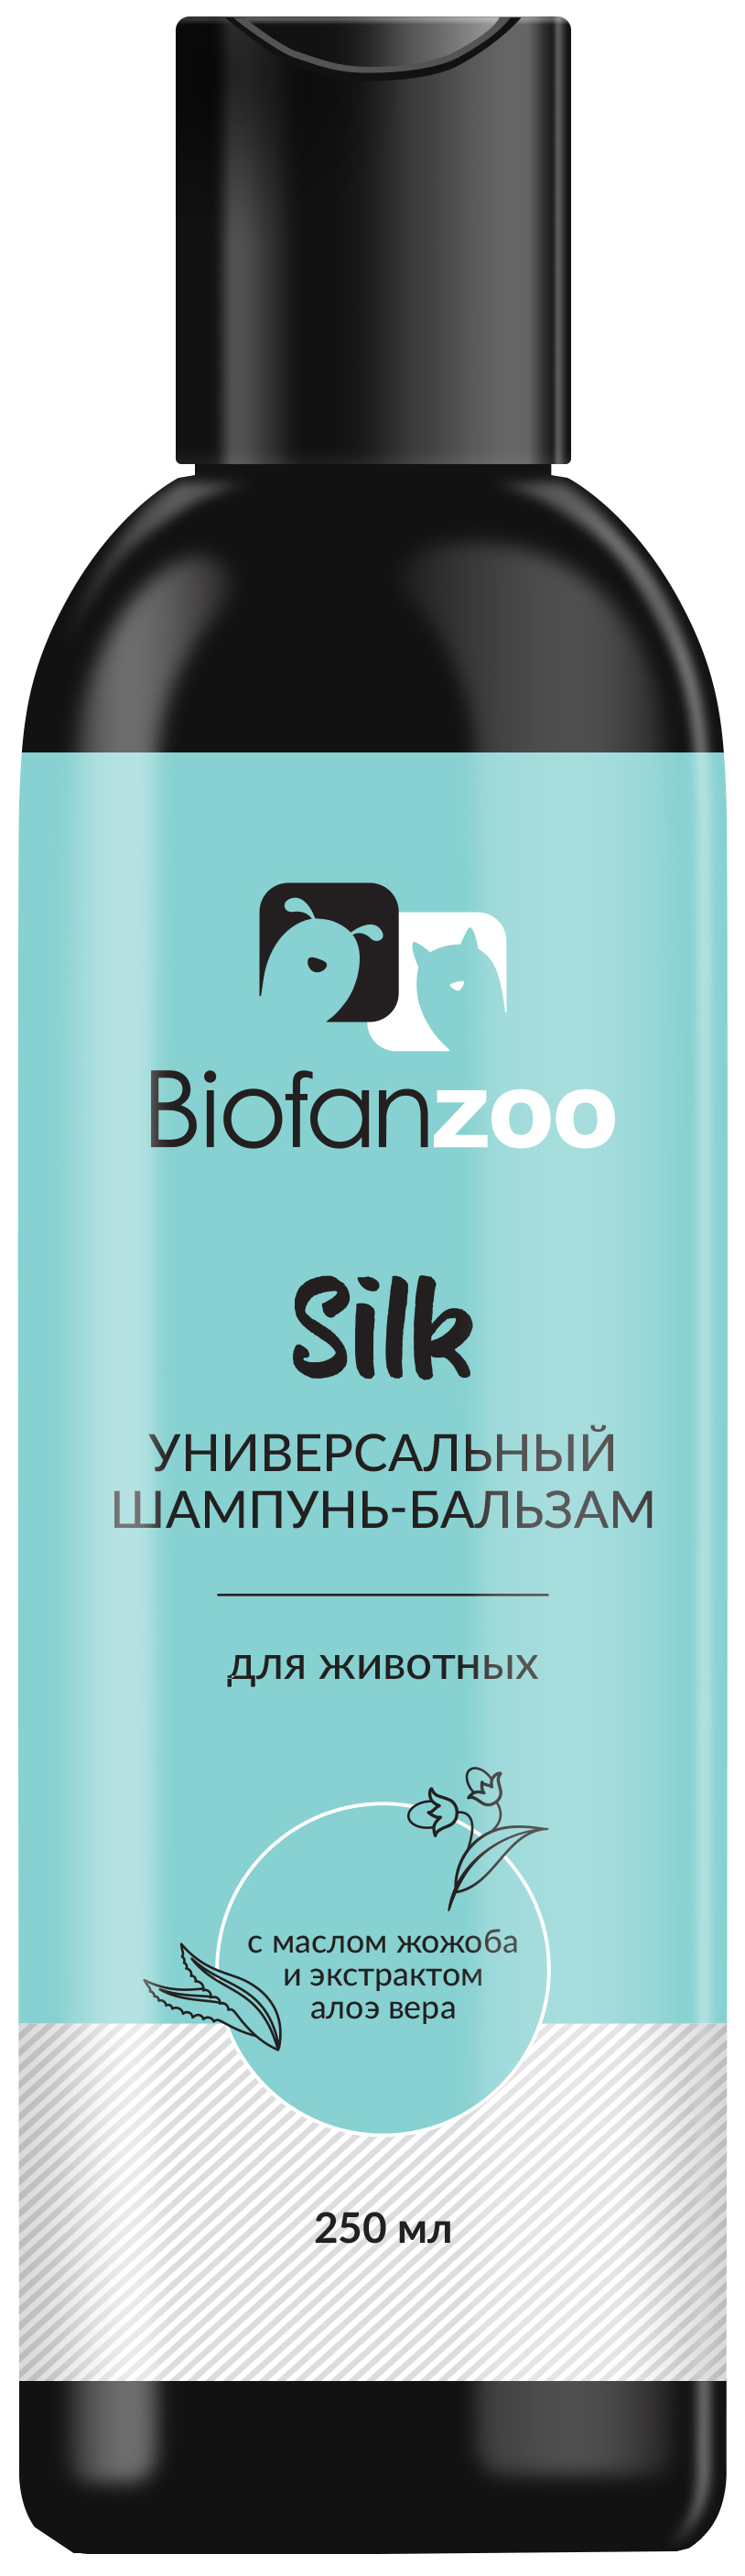 Шампунь-бальзам для кошек и собак Biofan Zoo Silk, масло жожоба и алоэ вера, 250 мл